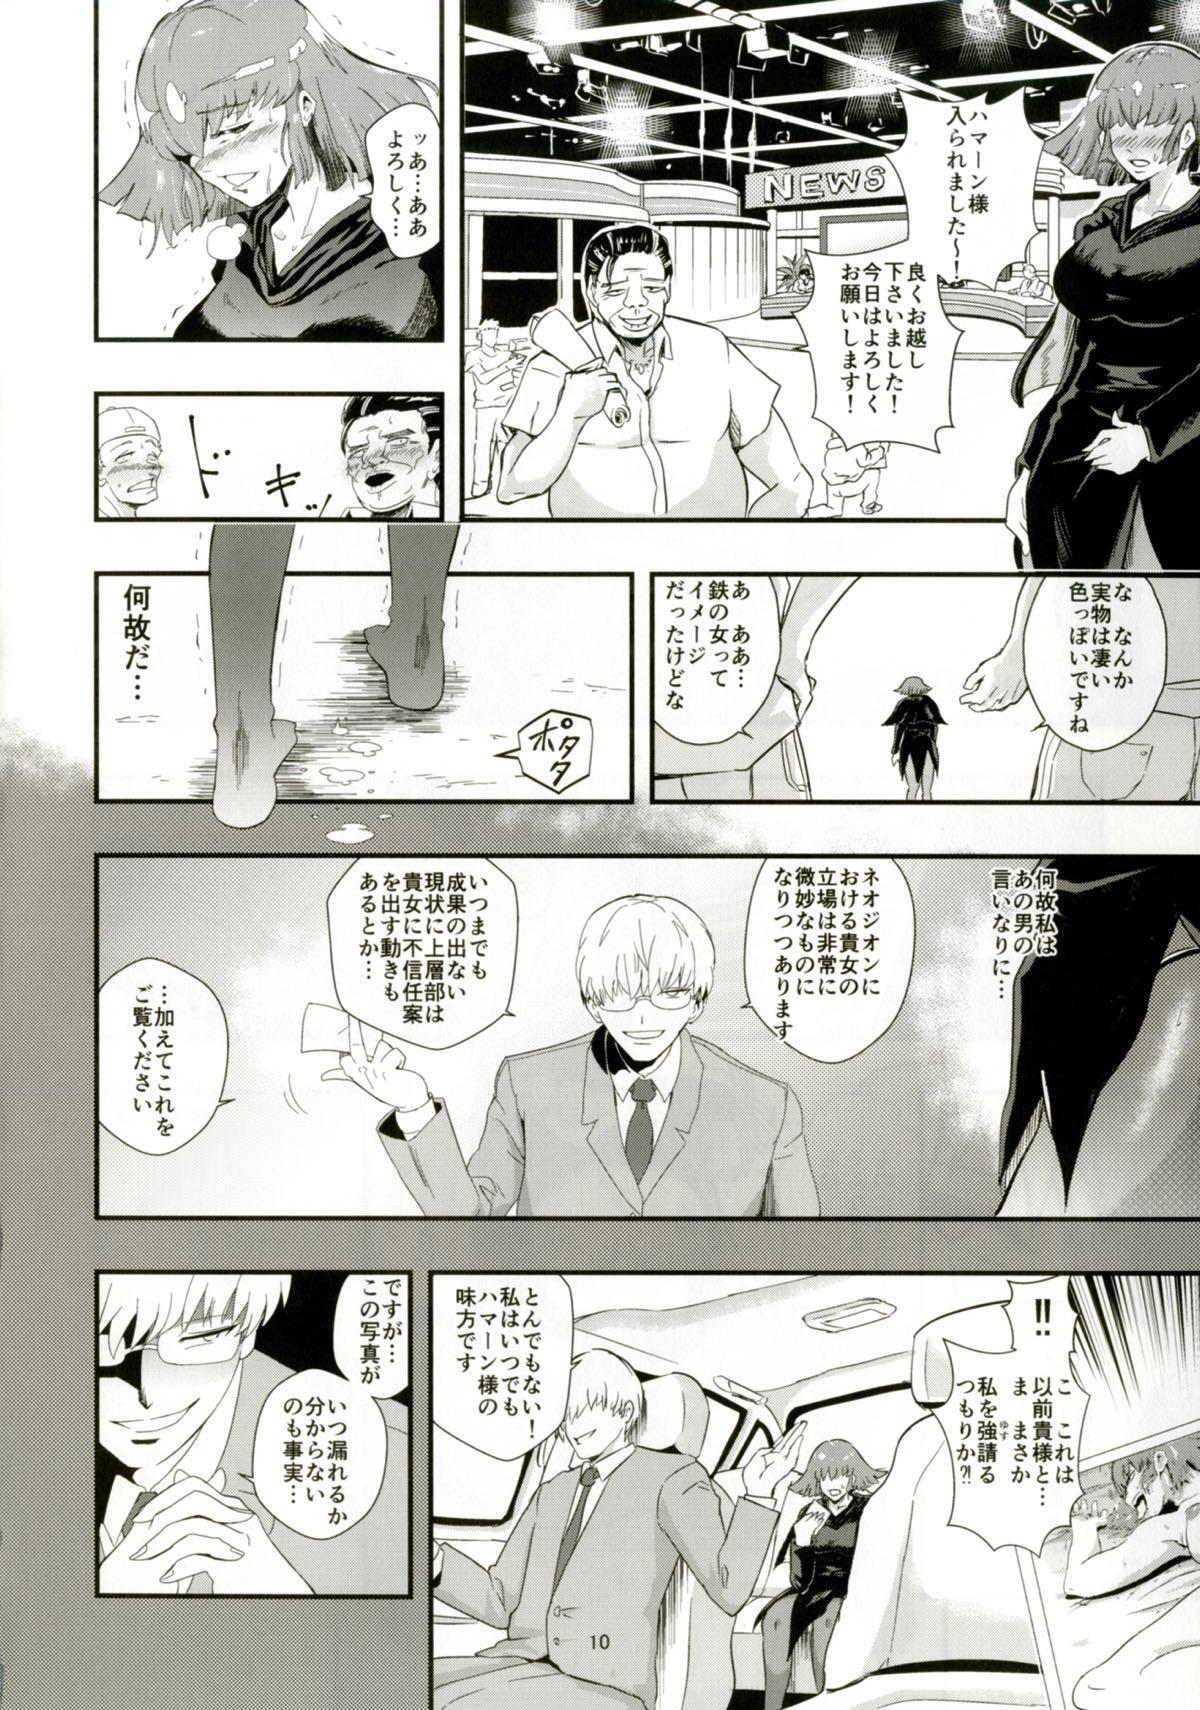 Haman-sama no Inzoku na Hibi 2 8